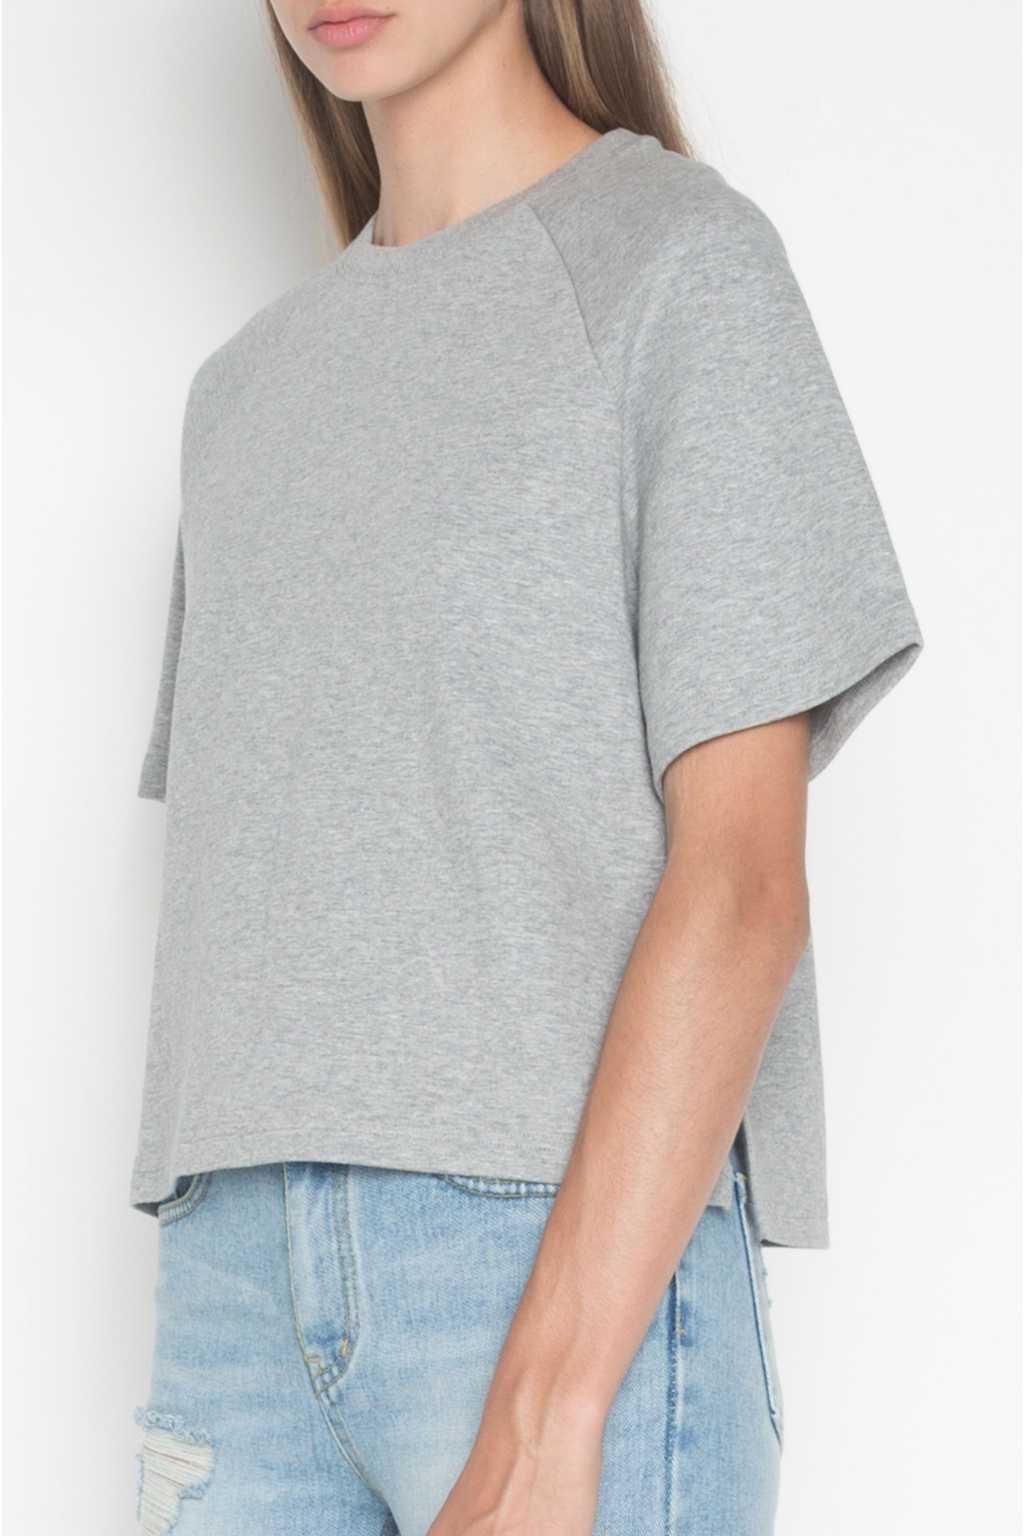 TShirt 1369 Gray 2